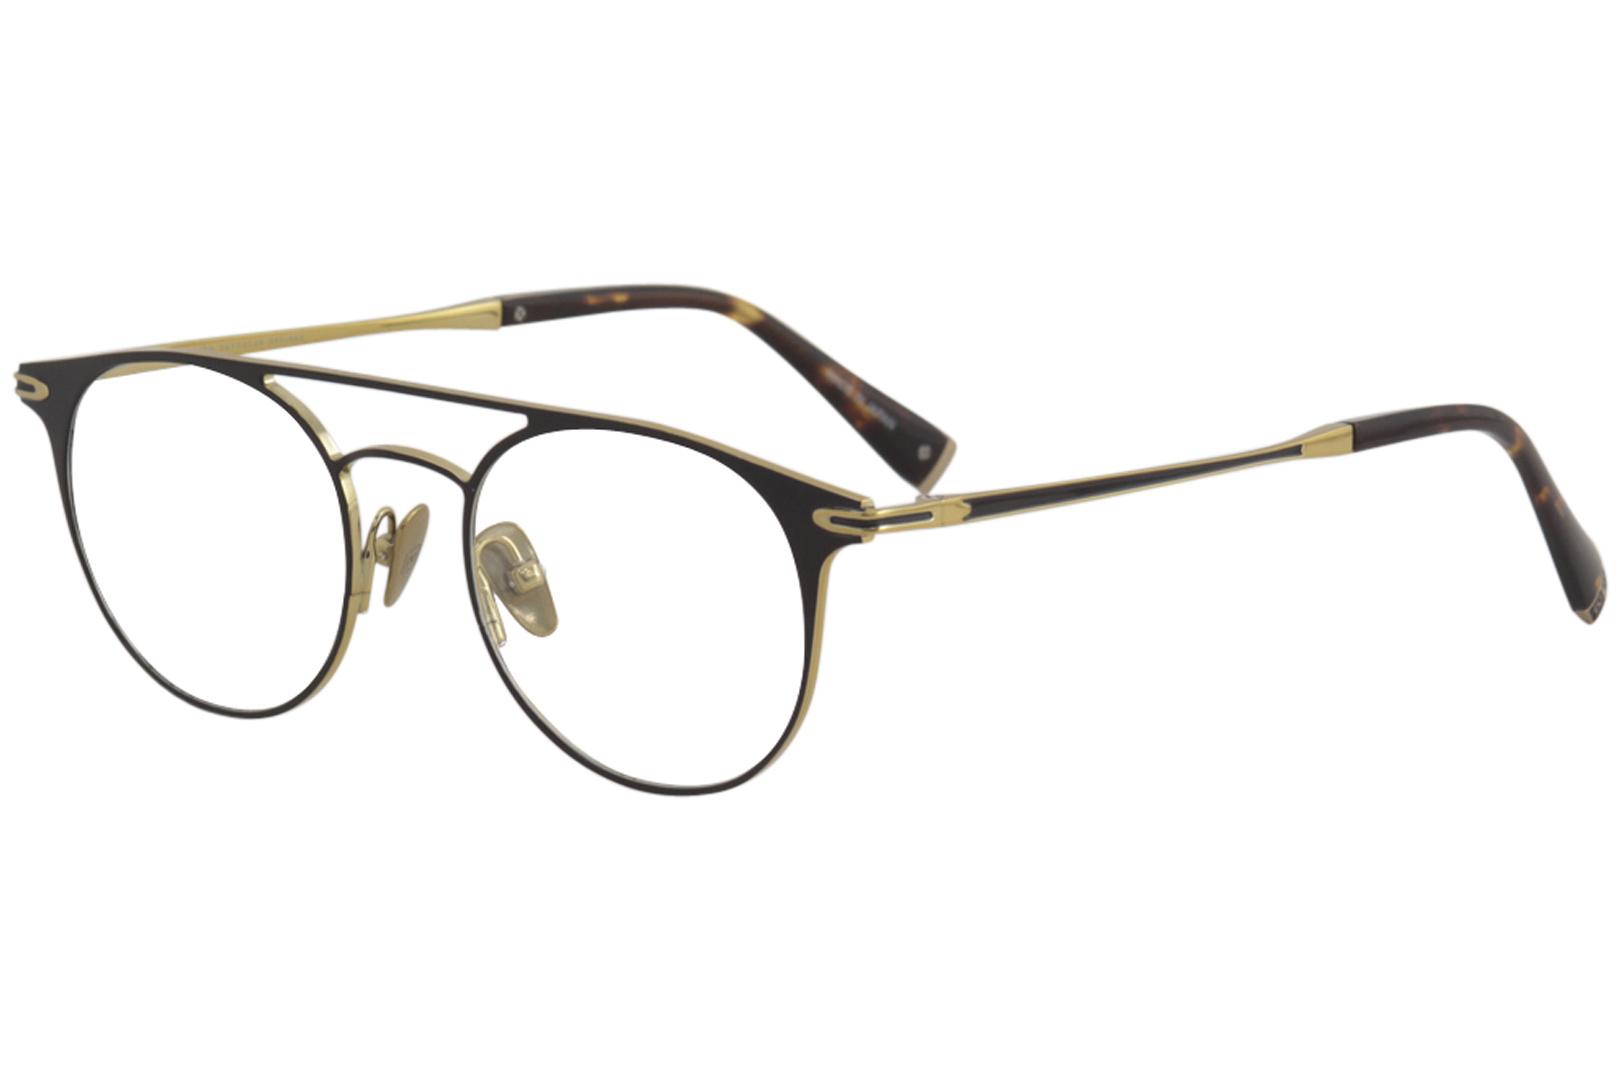 a2c21a78a8 John Varvatos Eyeglasses V169 V 169 Matte Black Gold Full Rim ...